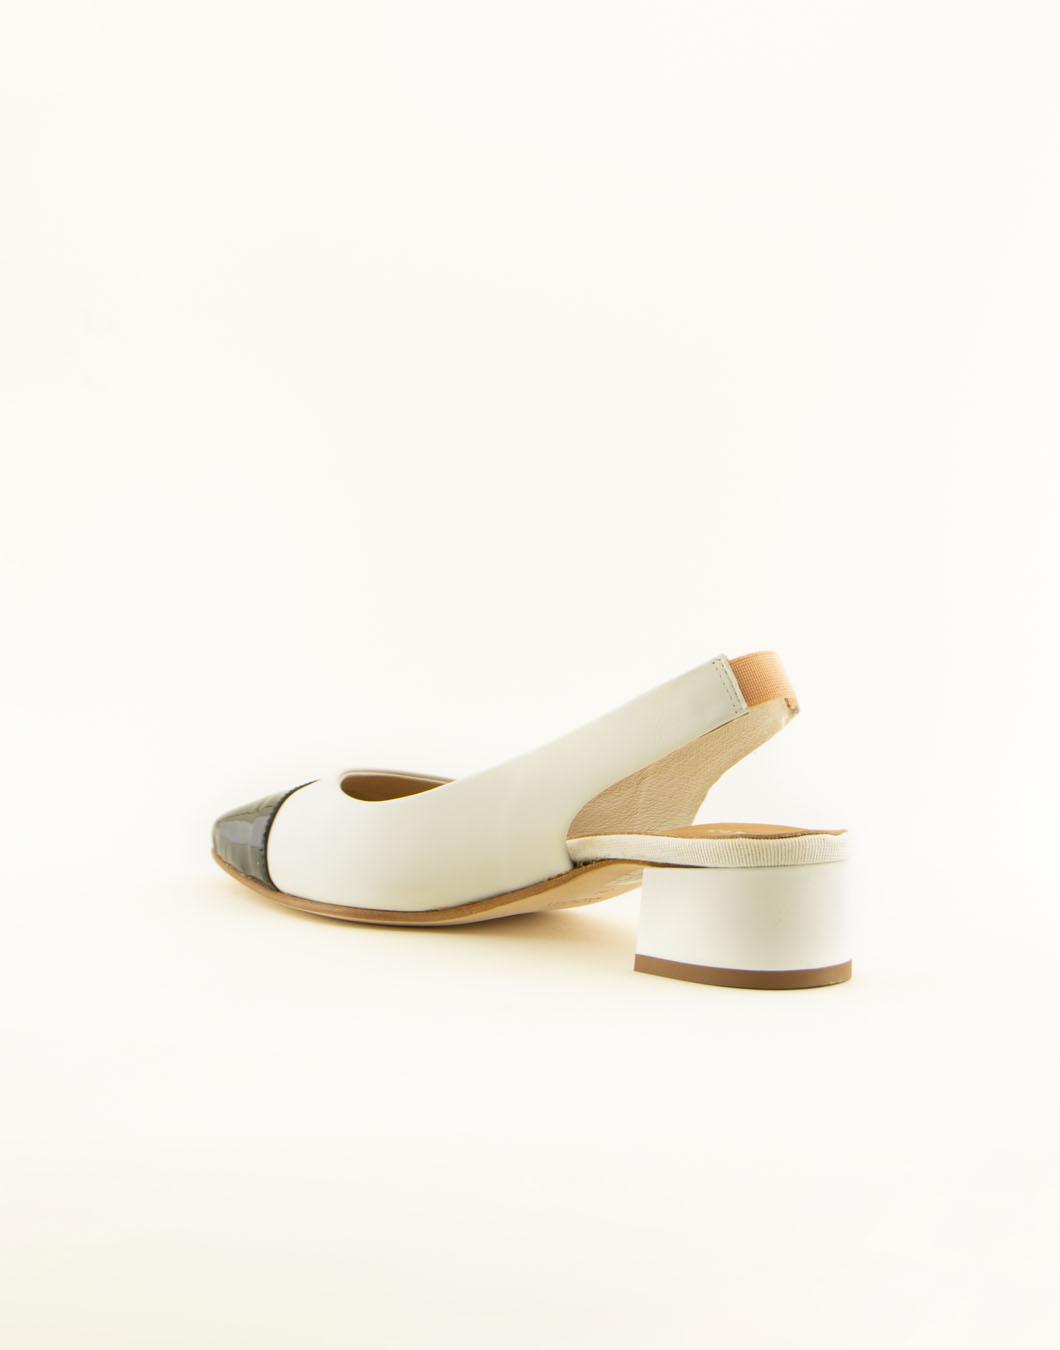 Scarpe chanel con il tacco in pelle - MAURO LEONE